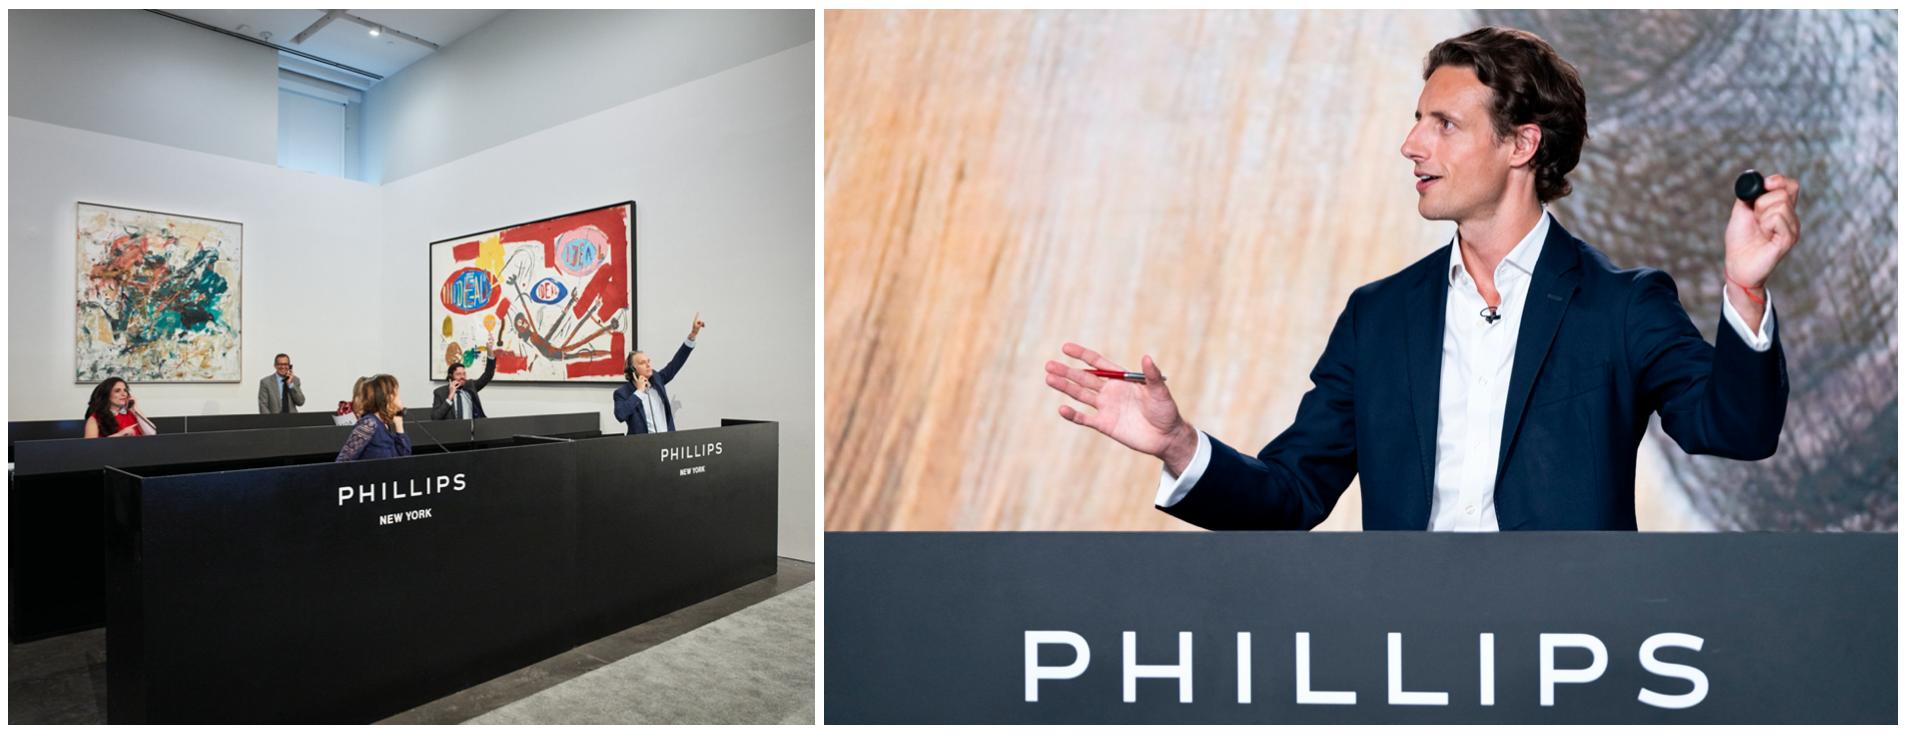 Che serata da Phillips! Volano Joan Mitchell e la Frankenthaler nella white gloves da oltre 41 milioni di dollari